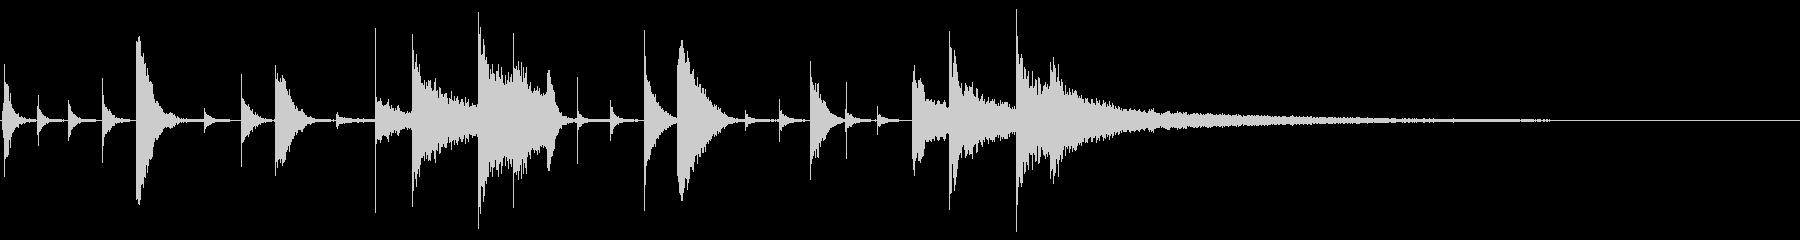 ハイハット:リズミカルなアクセント...の未再生の波形